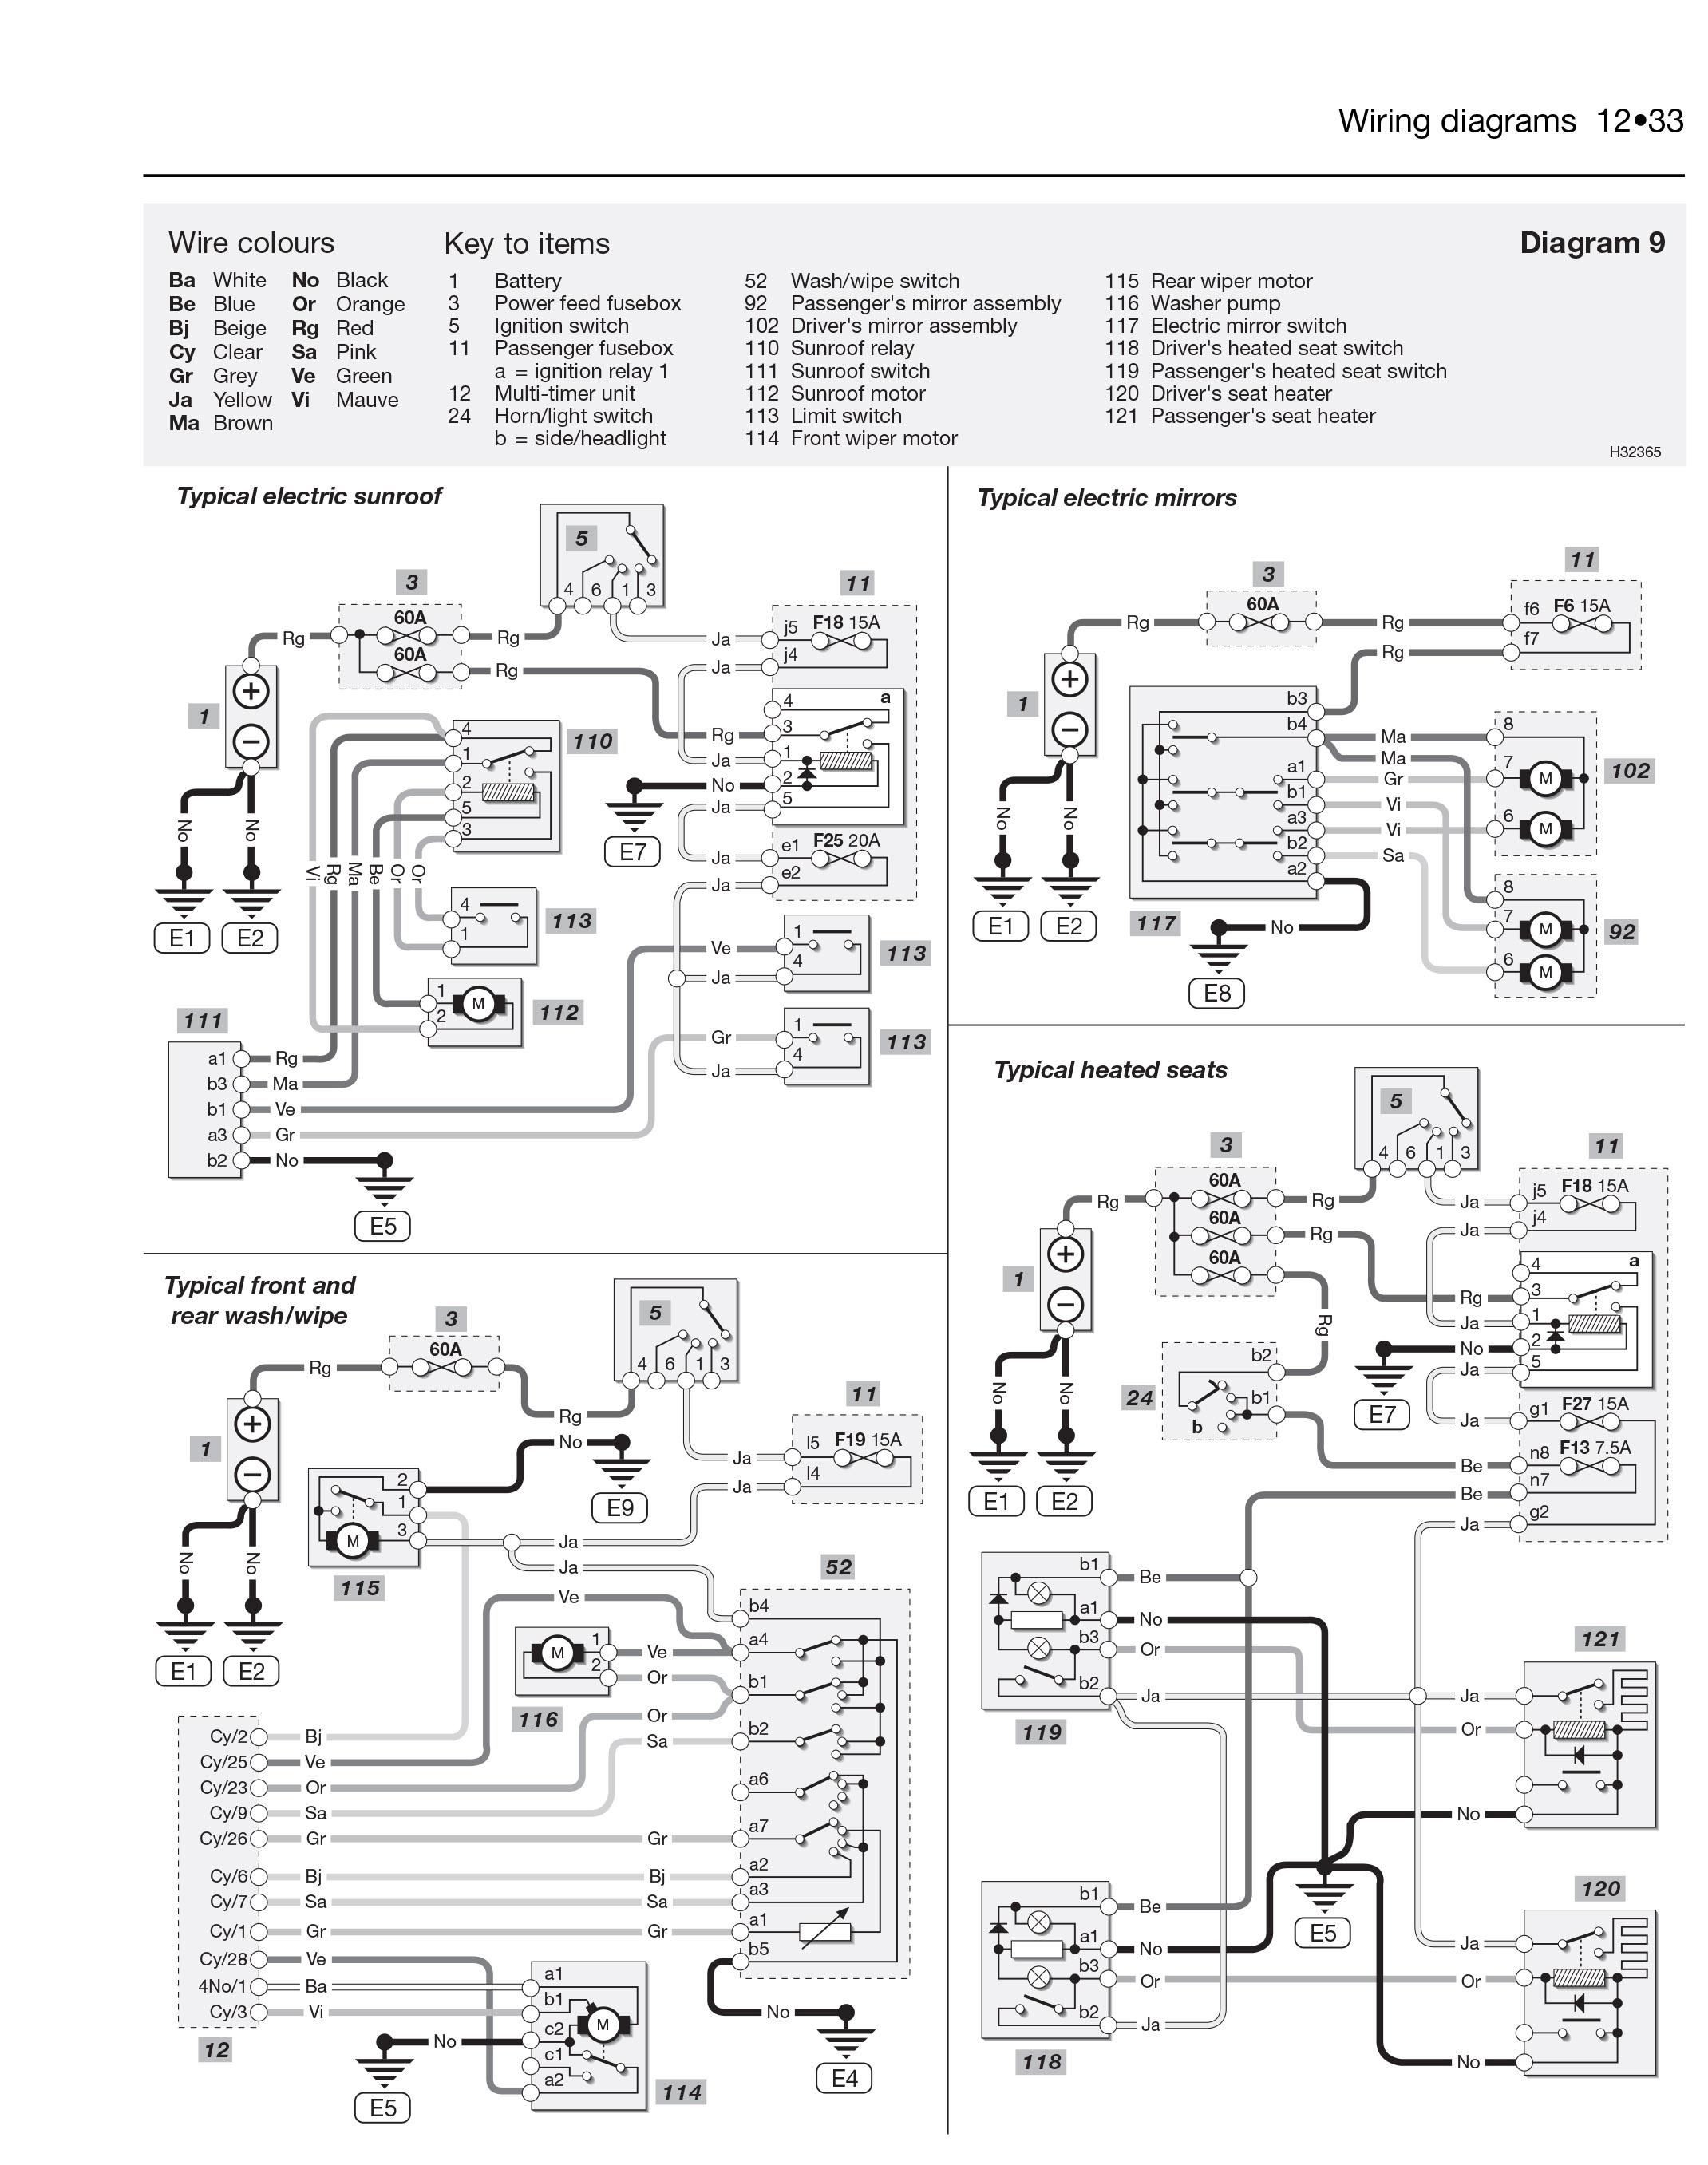 zv_2381] renault wiring diagrams free free diagram renault megane window switch wiring diagram  puti nect skat anth gho itis mohammedshrine librar wiring 101